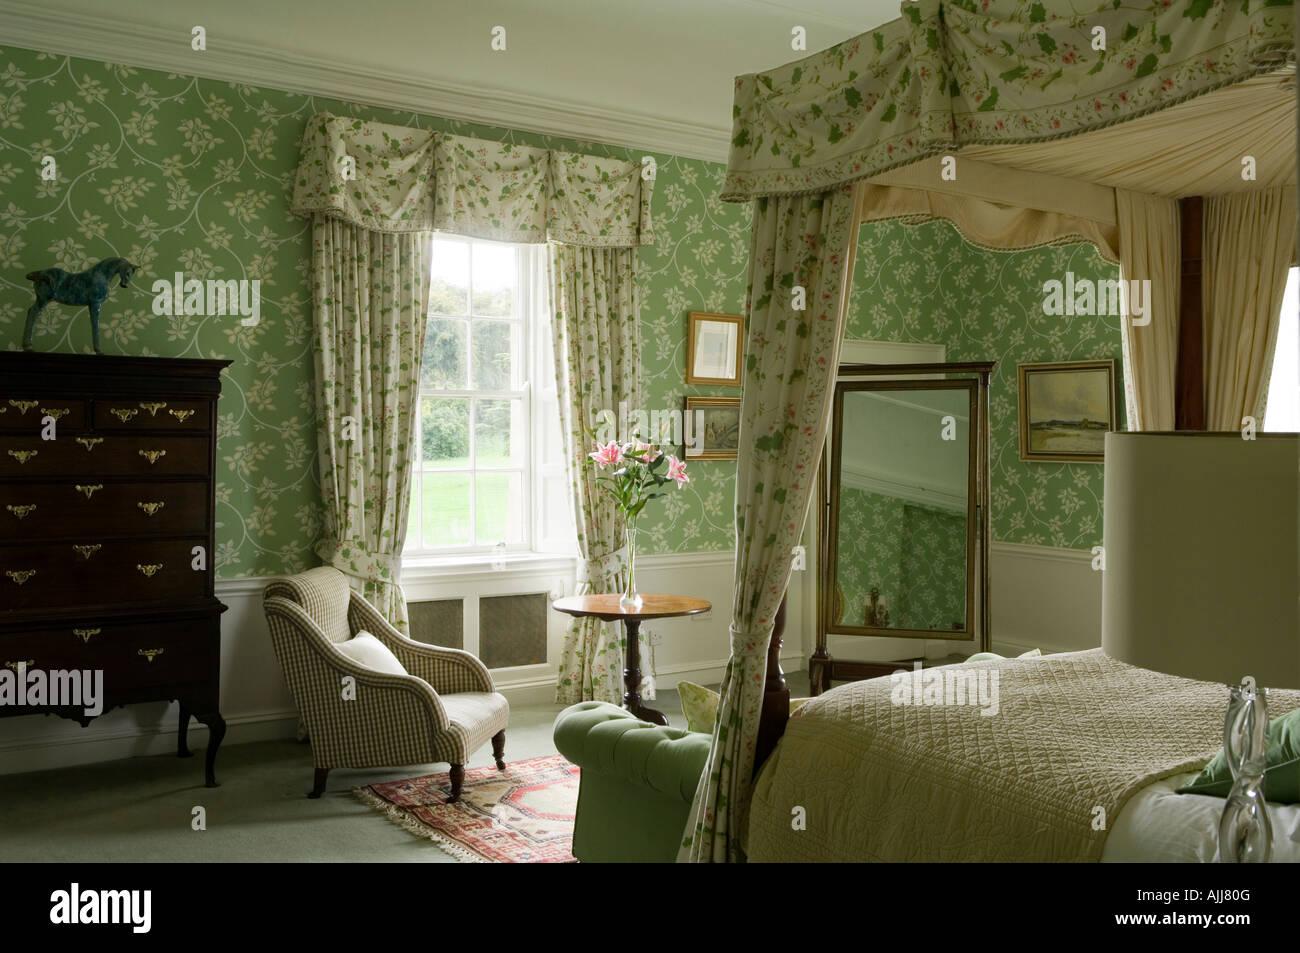 Turbo Schlafzimmer mit Bett Schlafzimmereinrichtungen und grün VB65